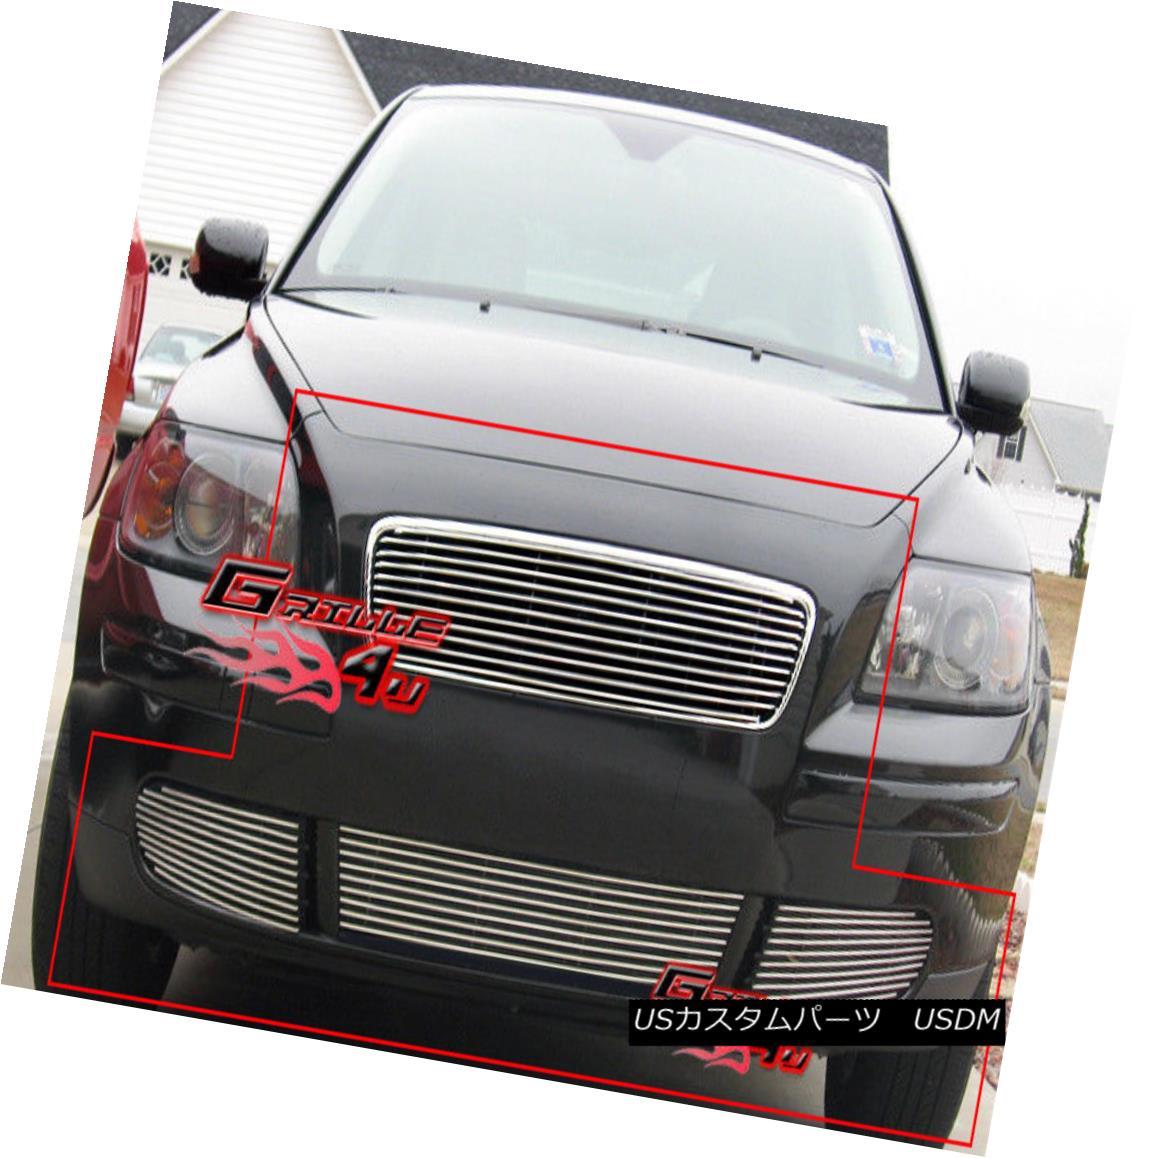 グリル For 05-06 Volvo V50/05-07 S40 Billet Grille Combo Insert 05-06用Volvo V50 / 05-07 S40ビレットグリルコンボインサート